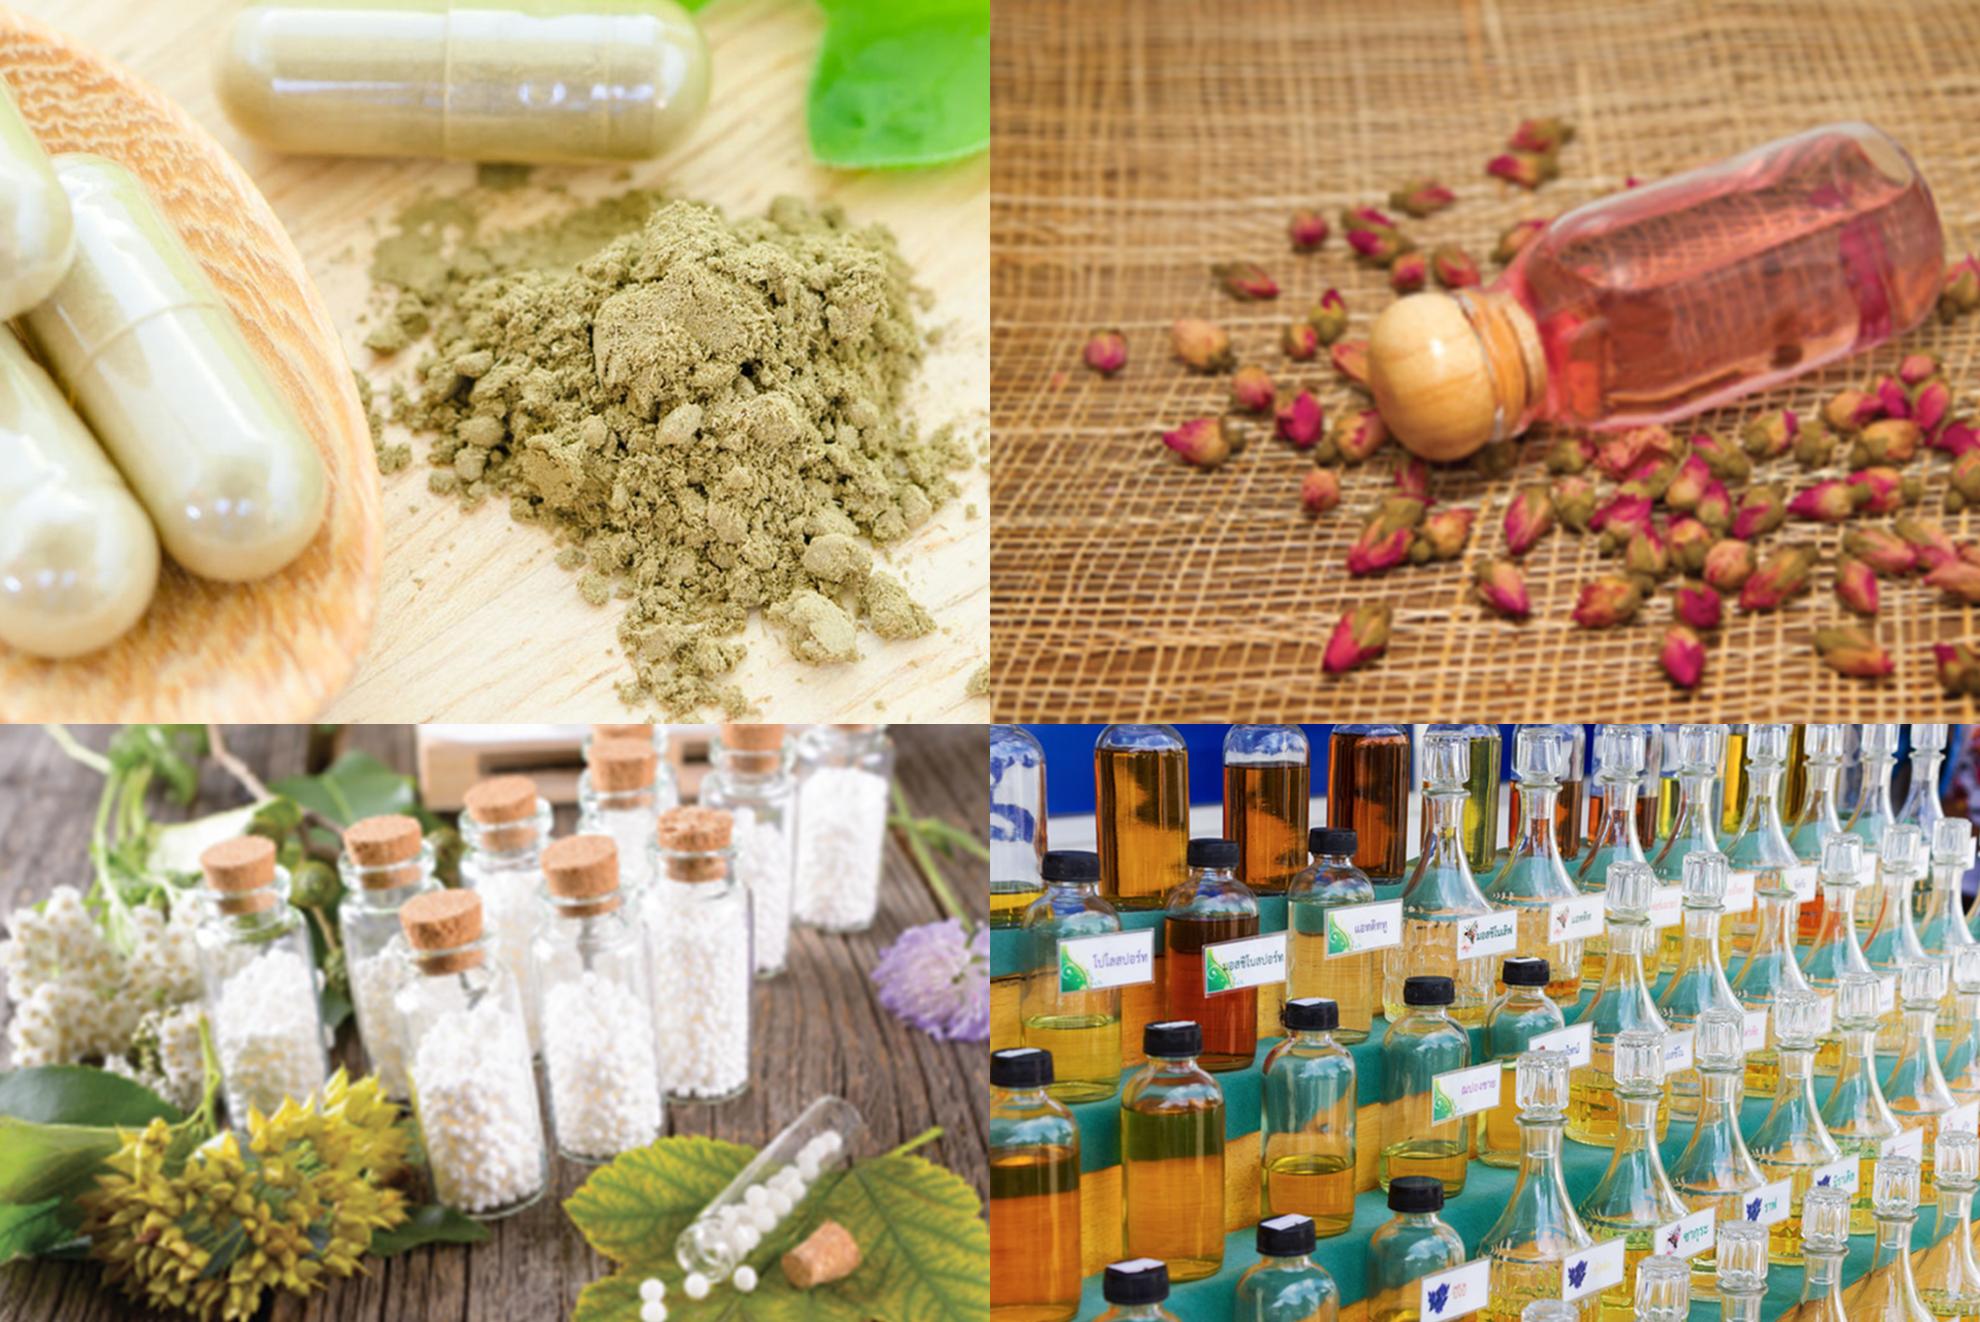 2-phytothérapie-huiles-essentielles-aromathérapie-pharmacie-d'ercan-erquinghen-lys-la-chapelle-d'armentières-armentières-sailly-sur-la-lys-fleurbaix